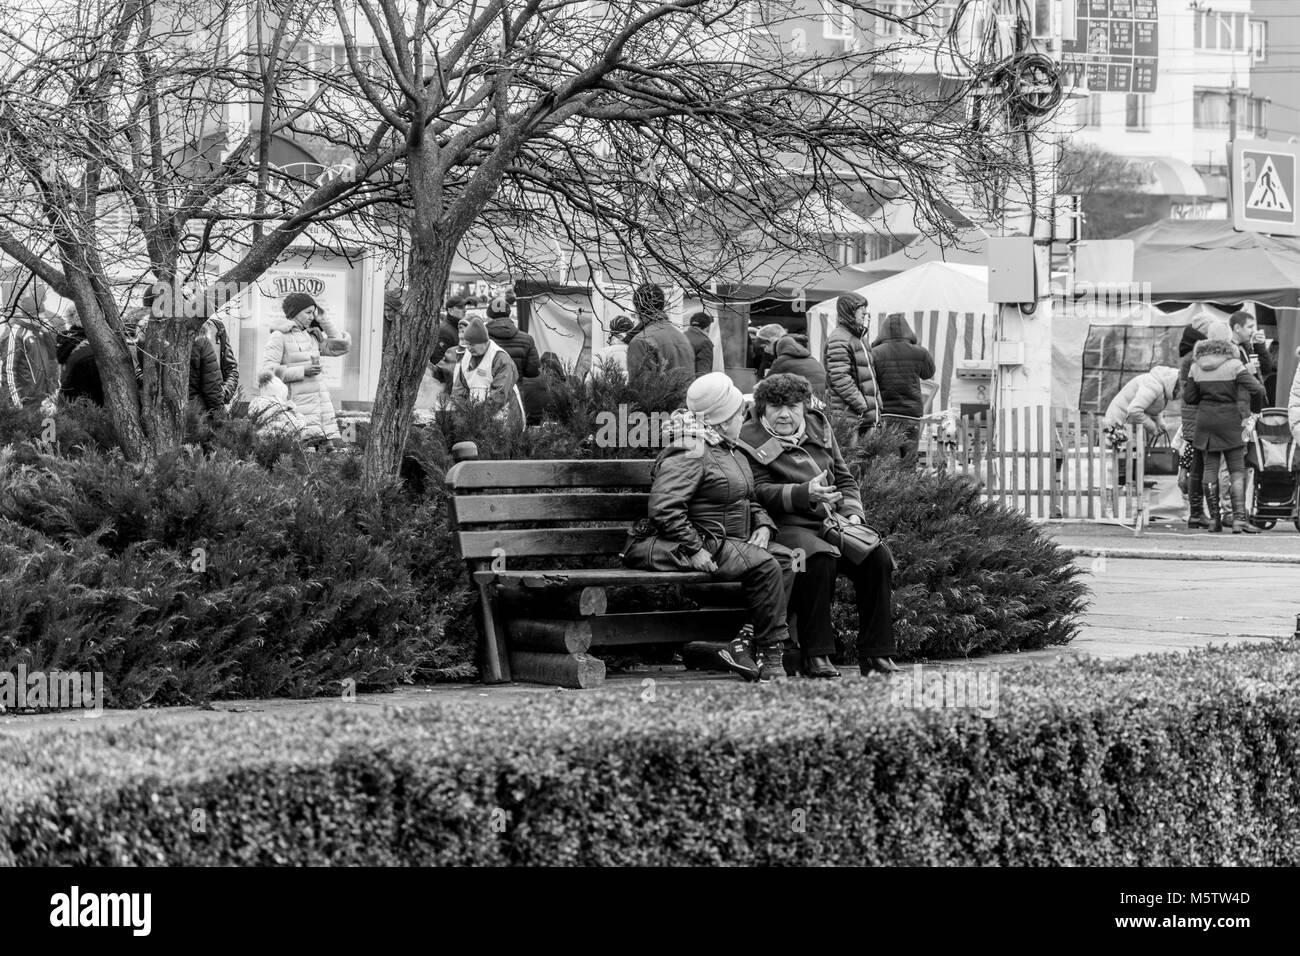 Ältere Frauen sprechen auf der Bank, Schwarze und Weiße reportage Foto Stockbild